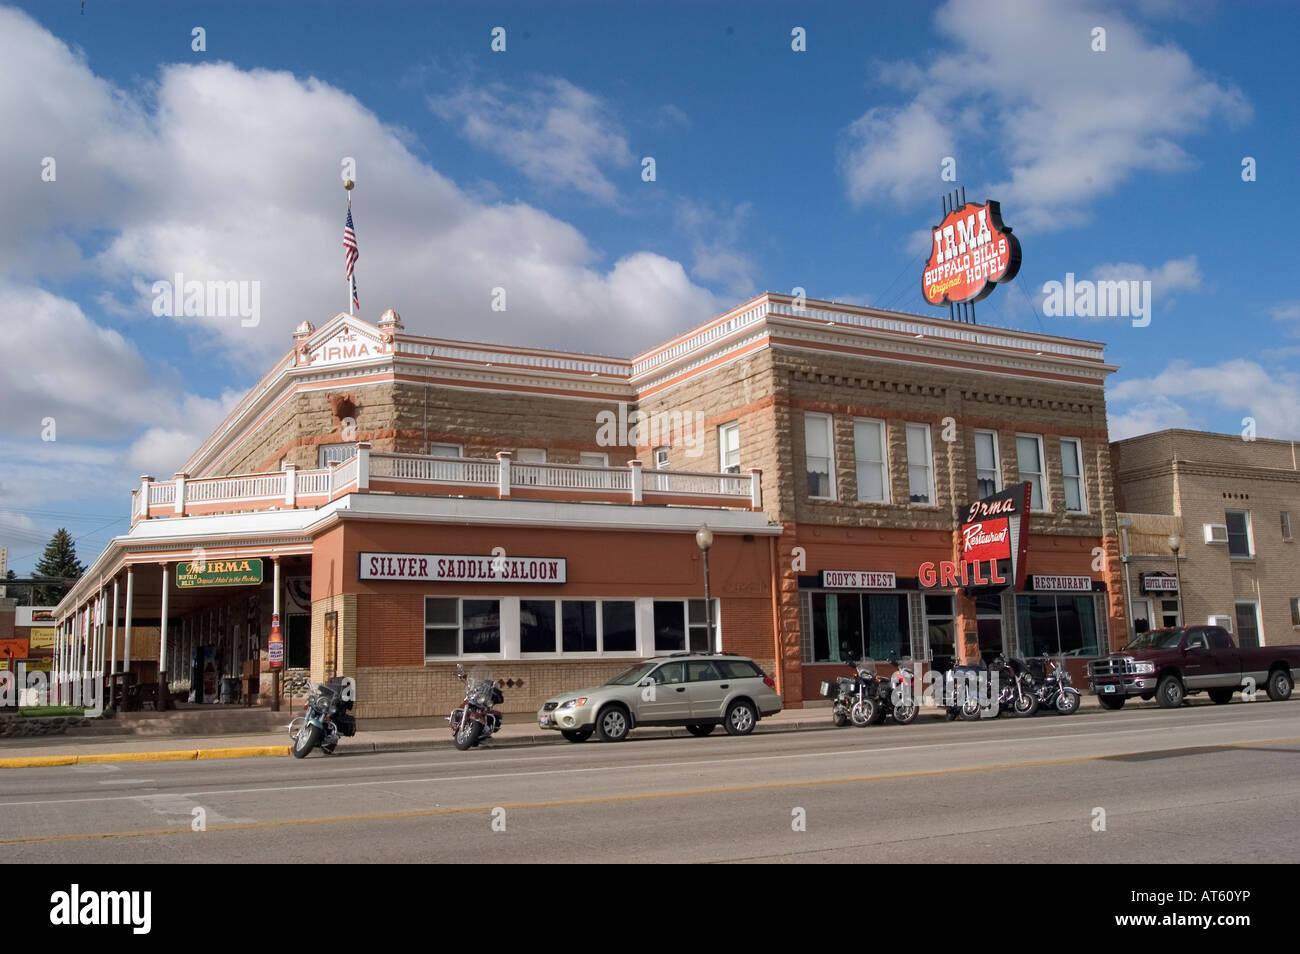 Buffalo Bill Hotel Irma und Silber Sattel Salon befinden sich im Zentrum von Cody, WY. Stockbild